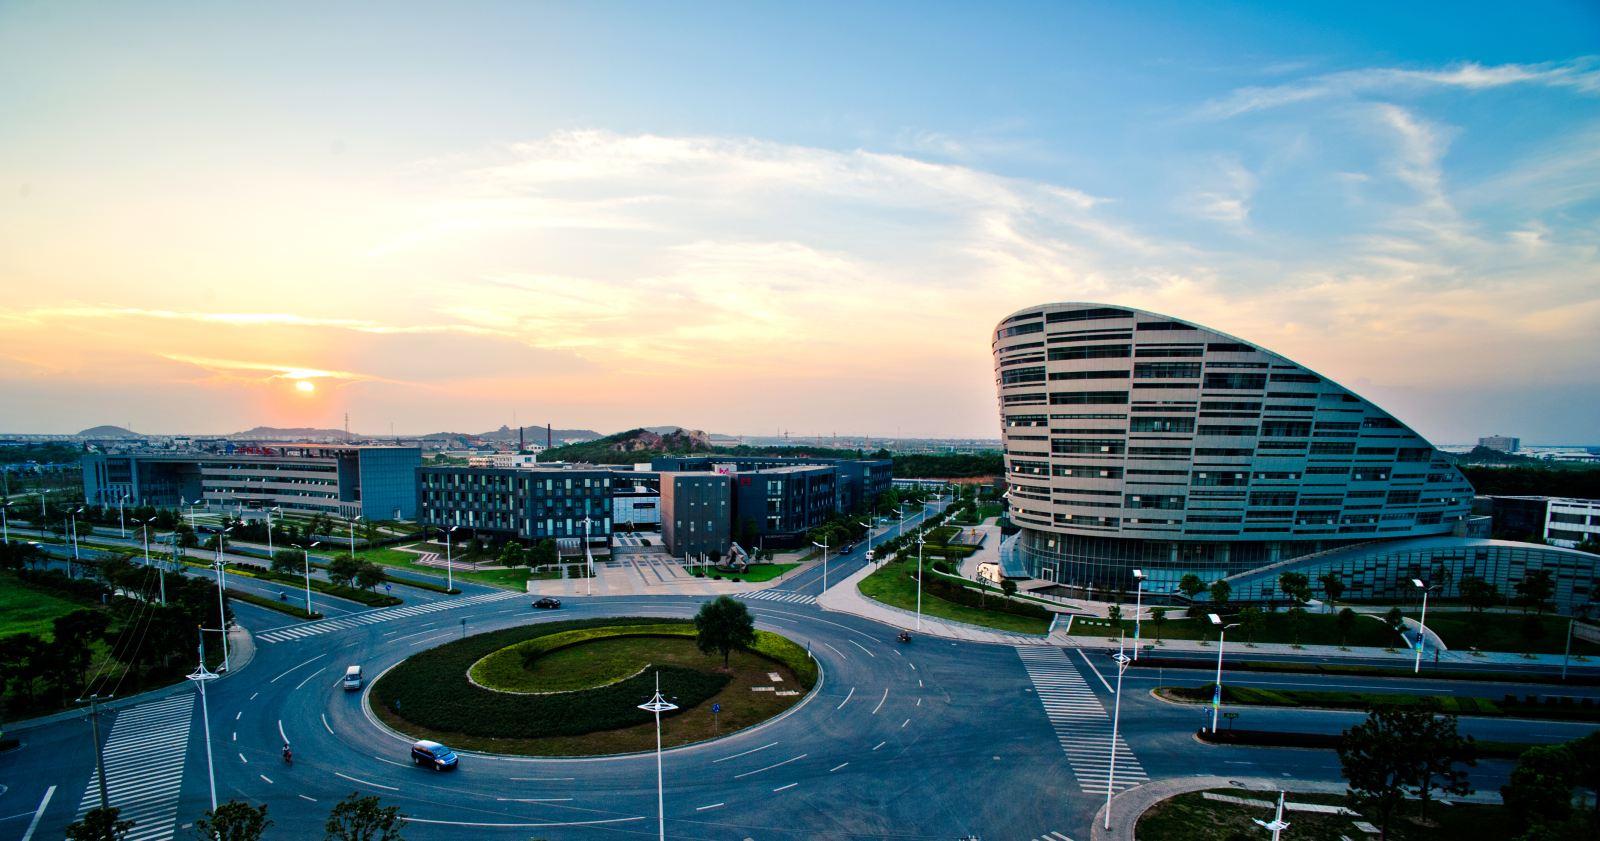 """亿光科技有限公司_苏州高新区:千亿产值的地区经济""""发动机""""_第一财经"""